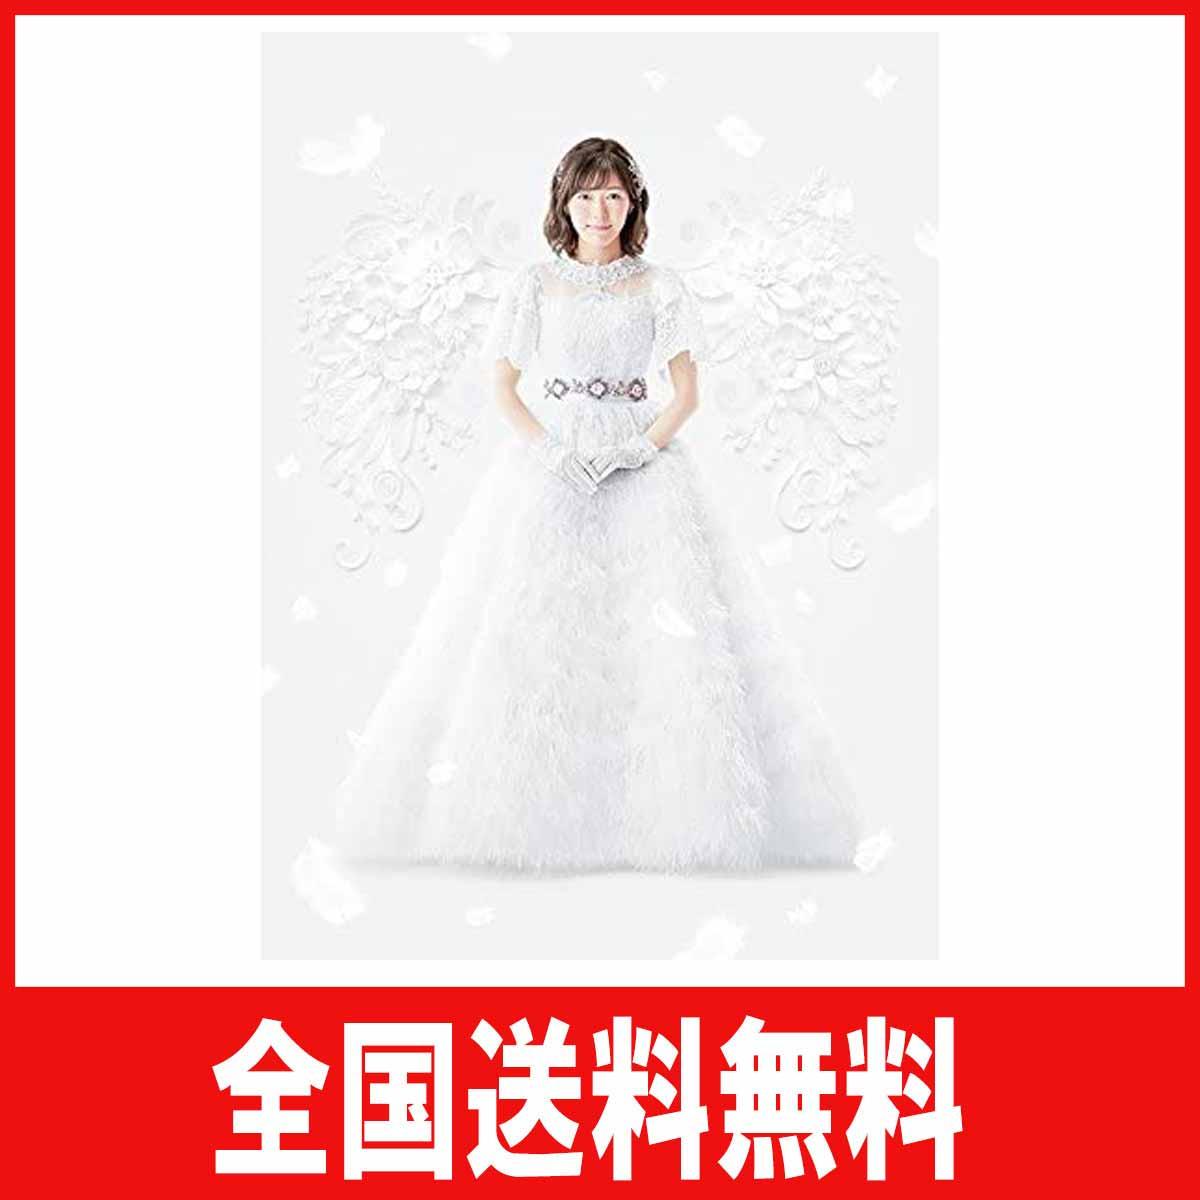 【送料無料】渡辺麻友卒業コンサート~みんなの夢が叶いますように~(DVD5枚組)(初回生産限定盤)